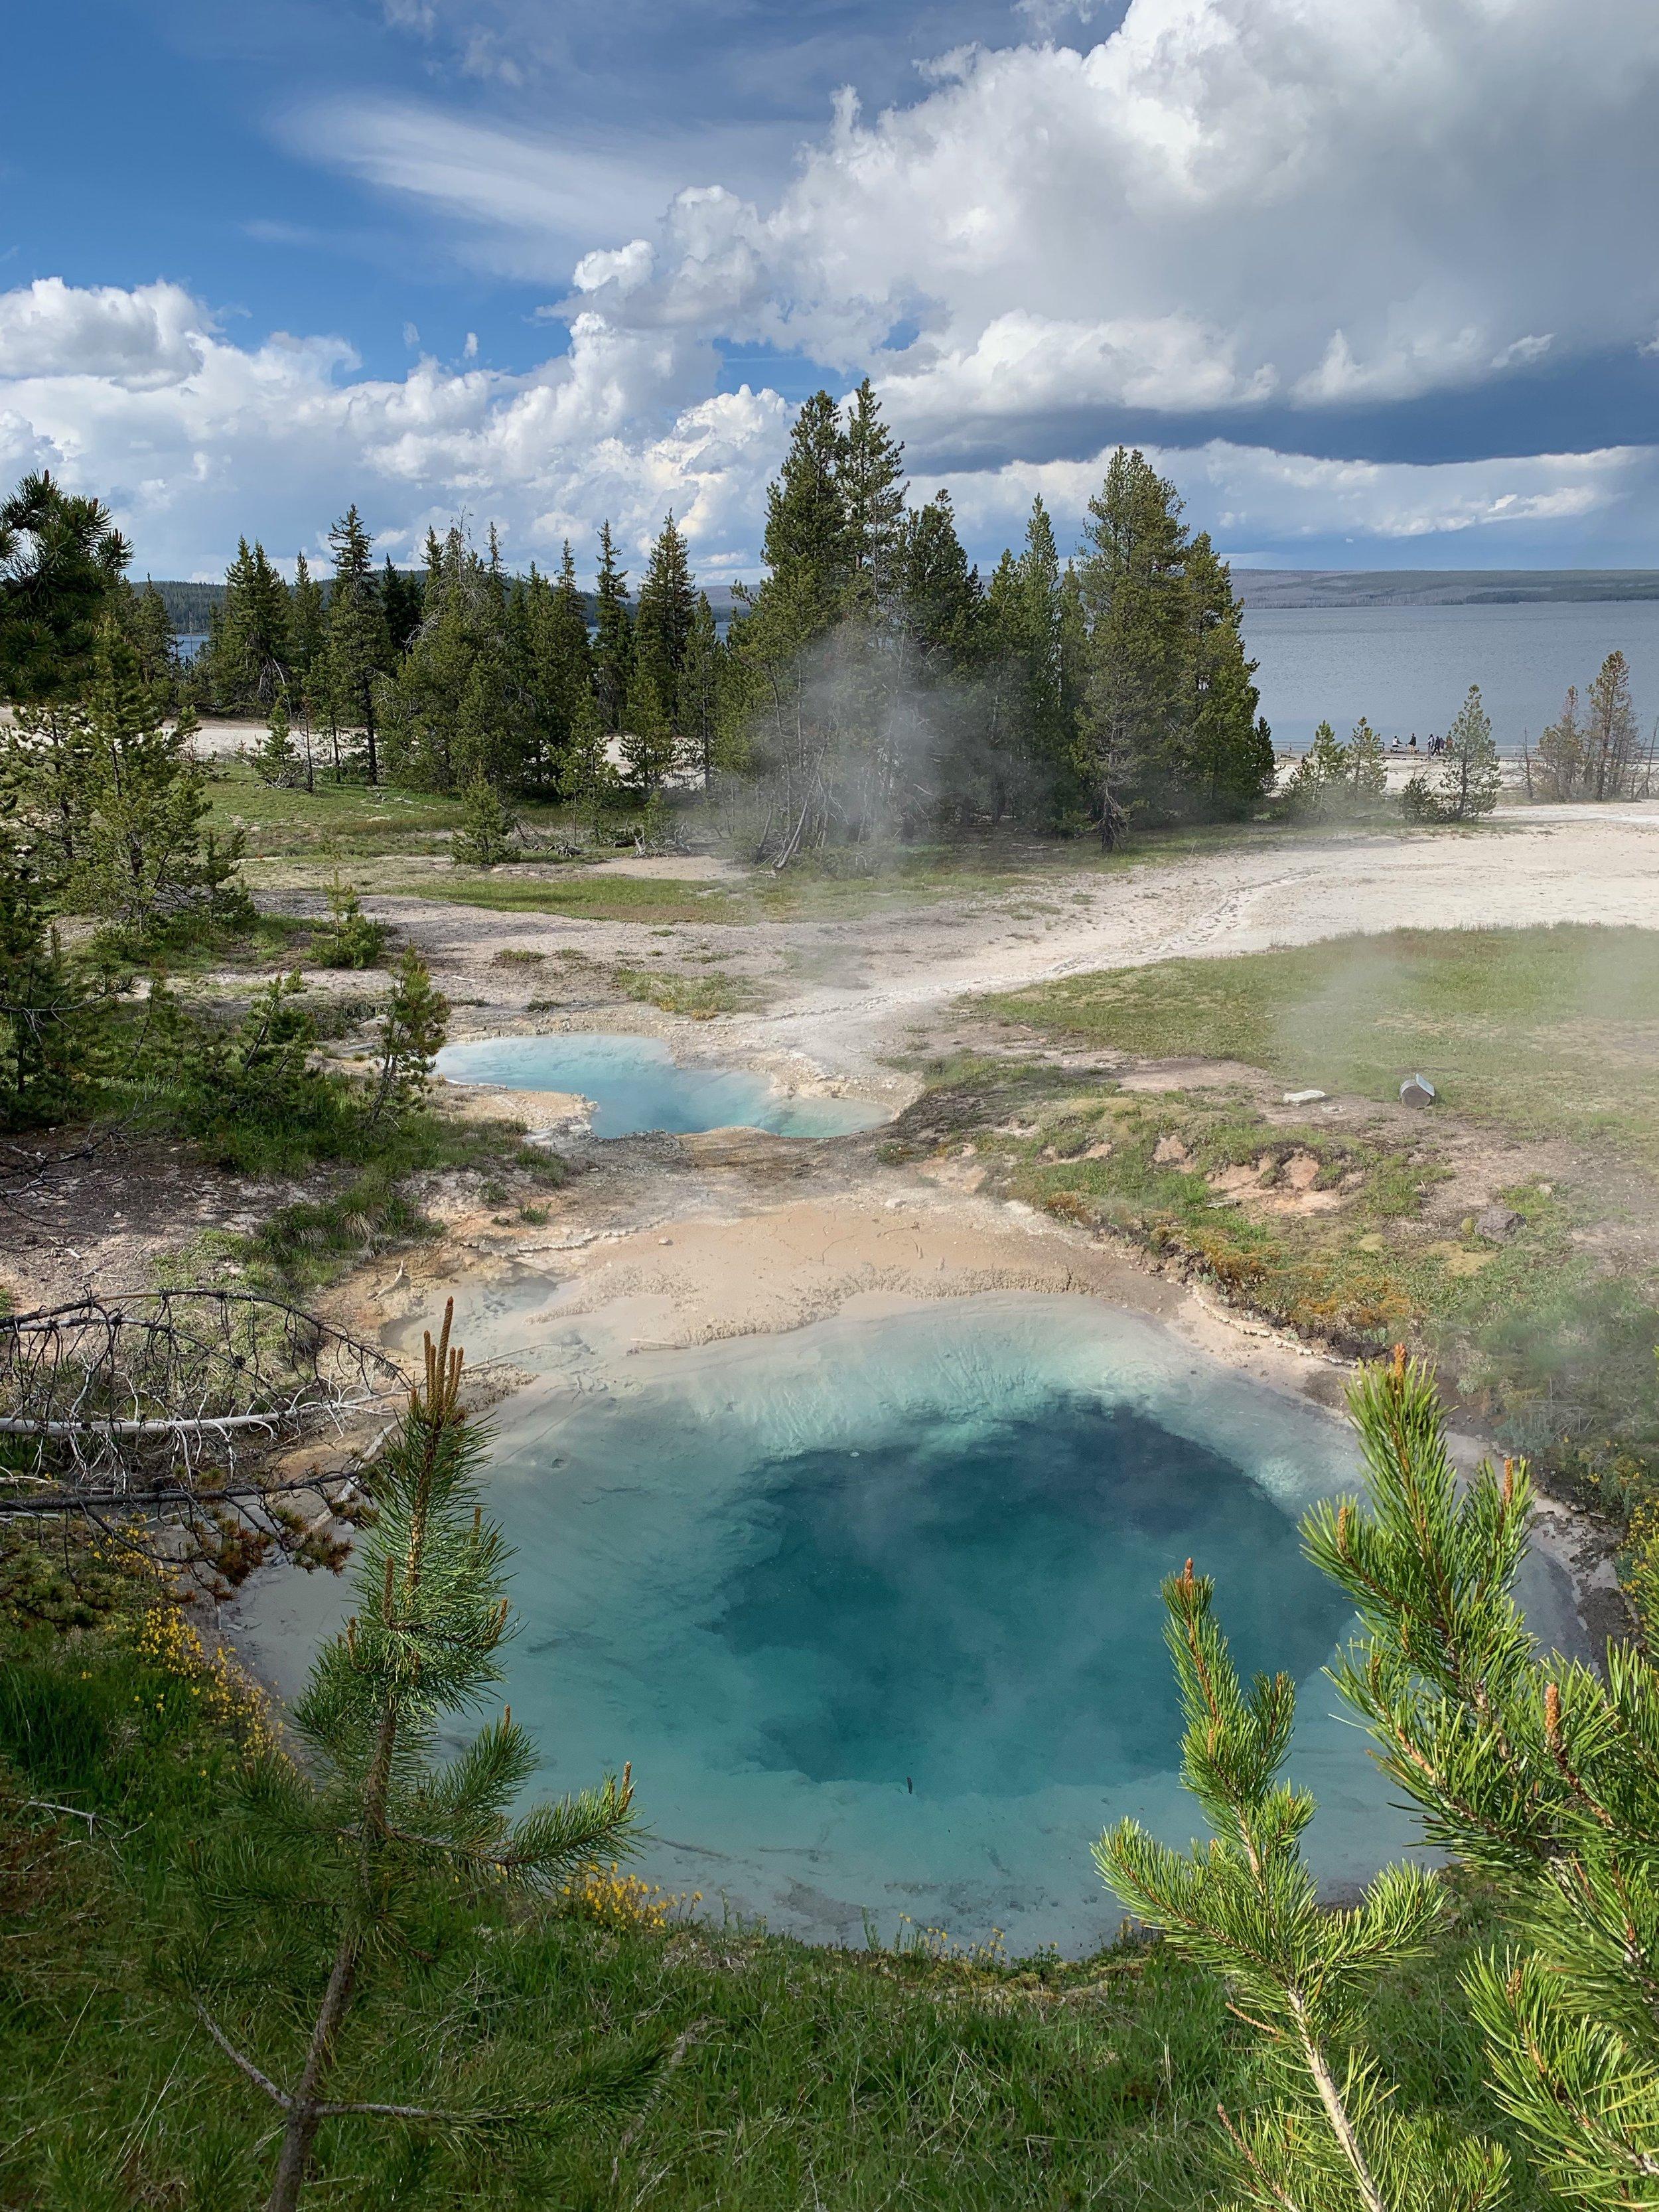 Hot spring pools at Yellowstone